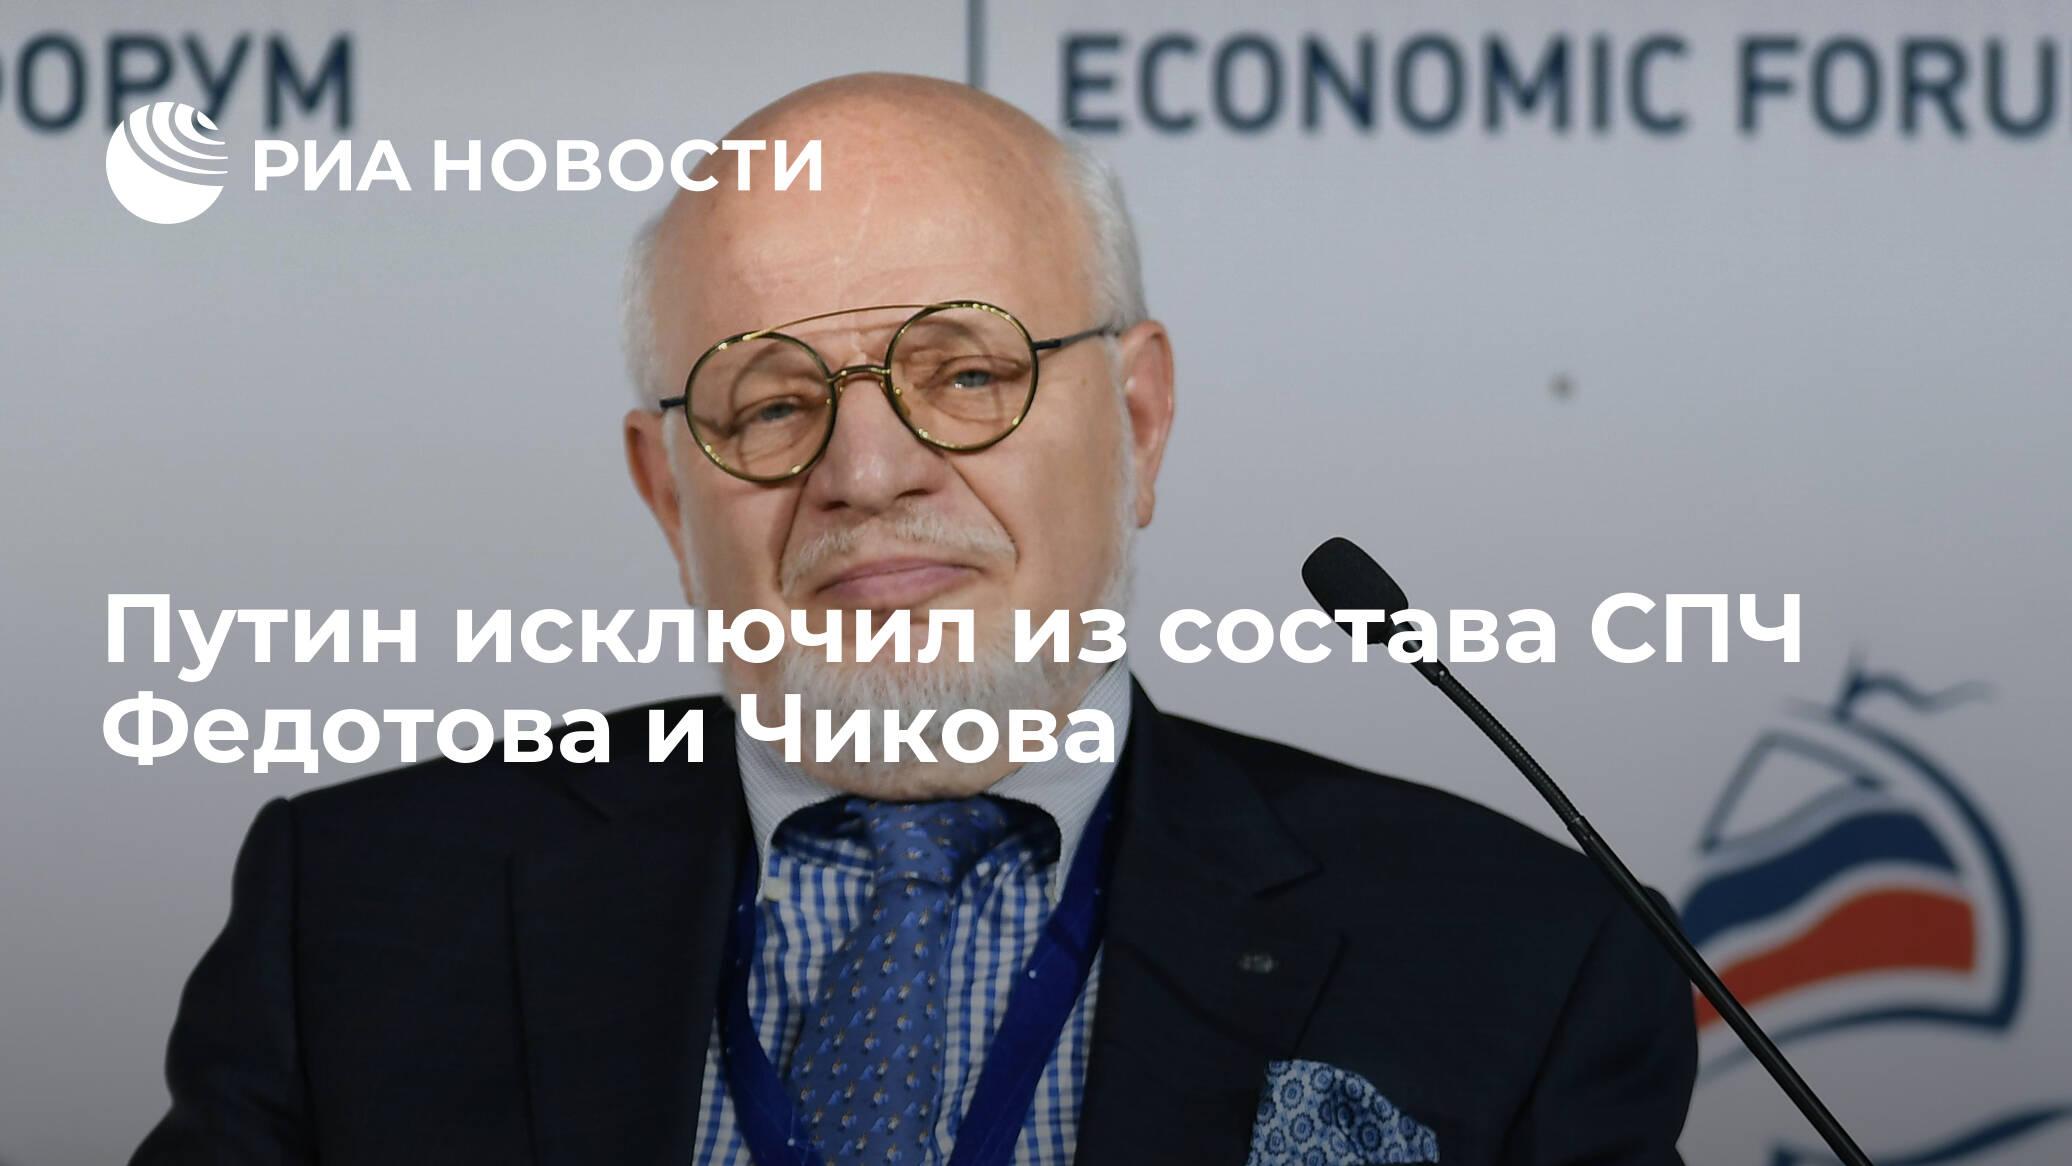 Путин исключил из состава СПЧ Федотова и Чикова